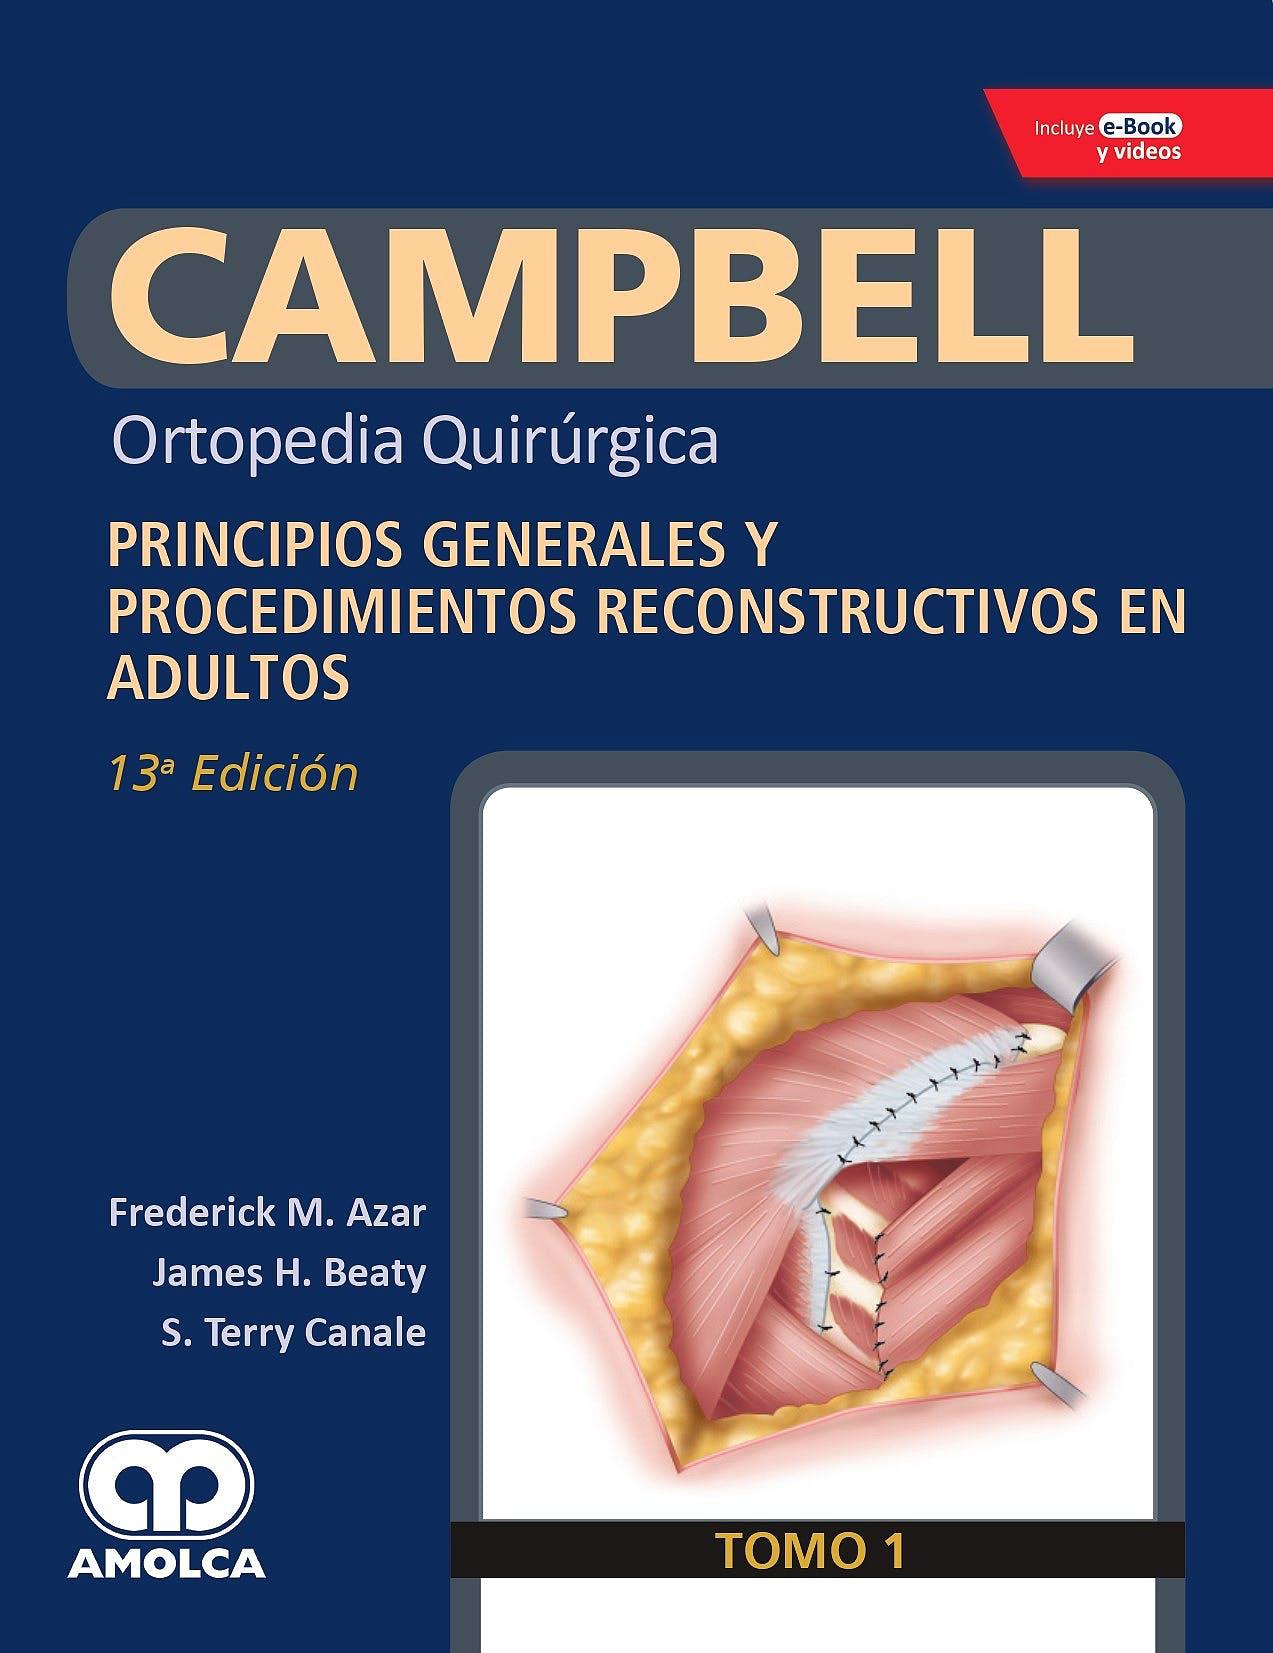 CAMPBELL Tomo 1 Ortopedia Quirurgica Principios Generales y Procedimientos Reconstructivos en Adultos 13 Ed.